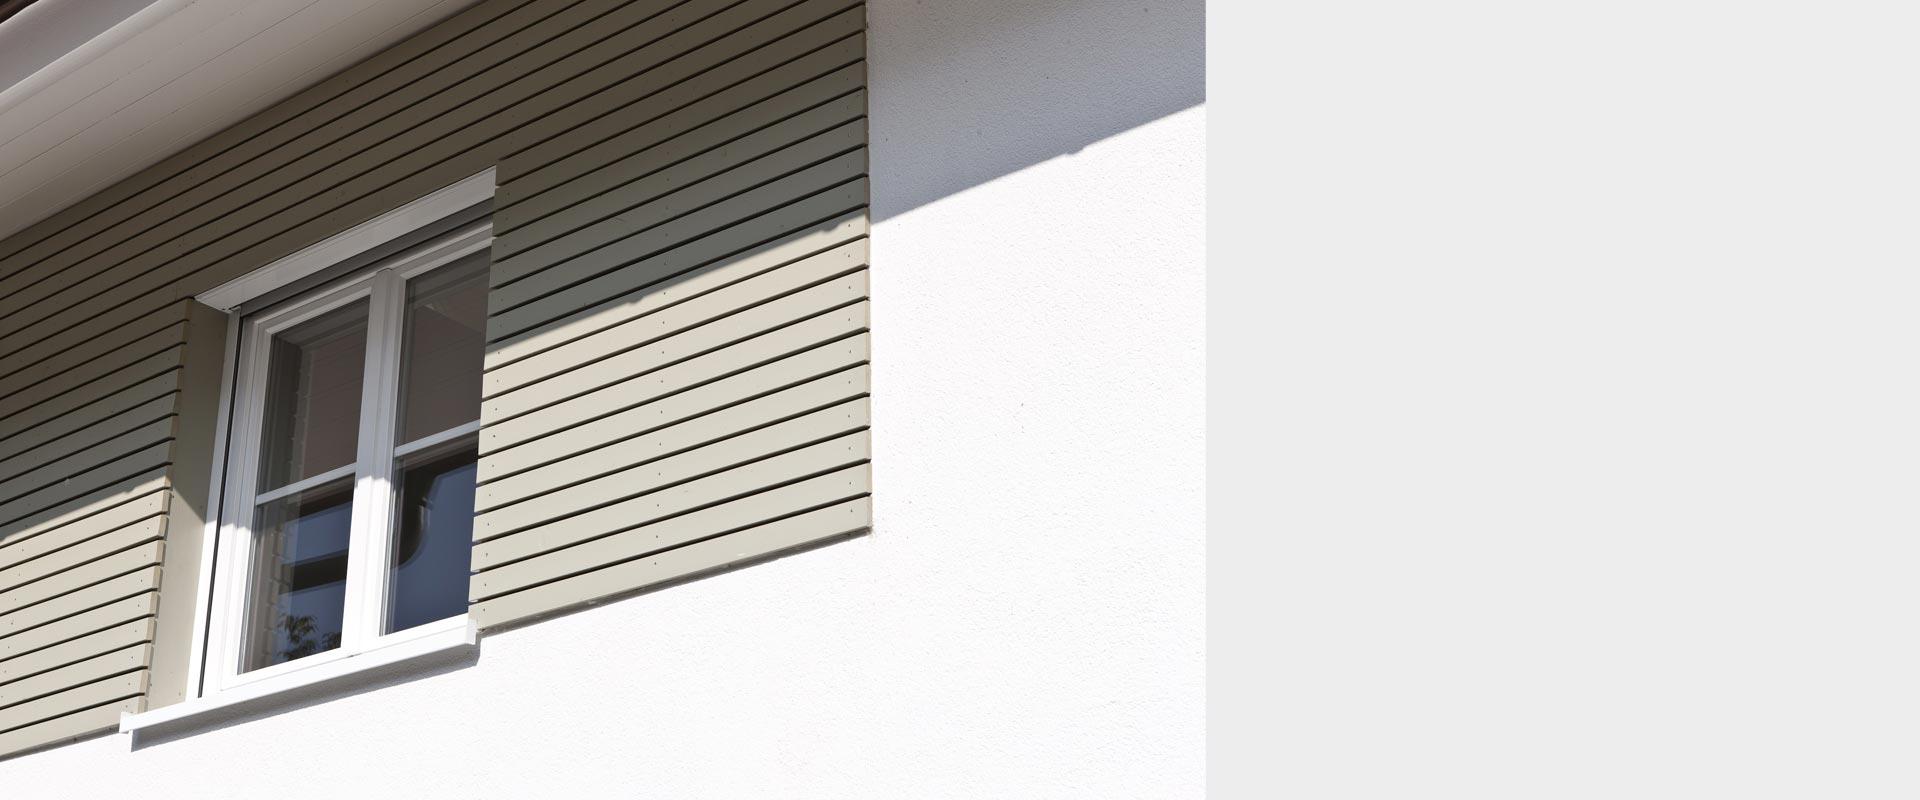 architekturbuero henning musahl mehrgenerationen wohnen